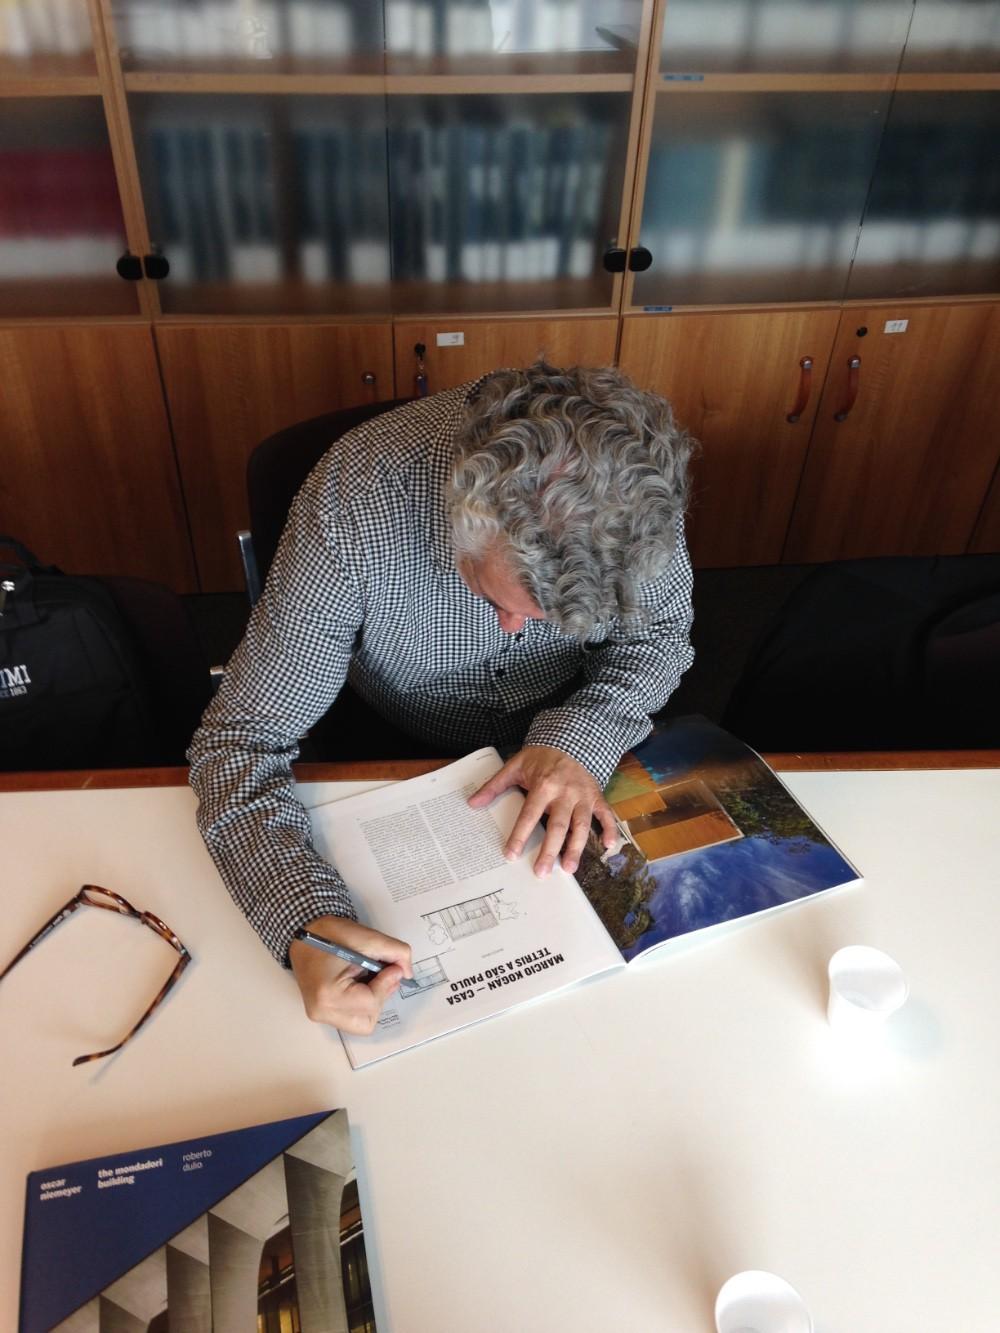 Marcio Kogan autografa il numero 846 di CASABELLA imagecredits Maria Pilar Vettori